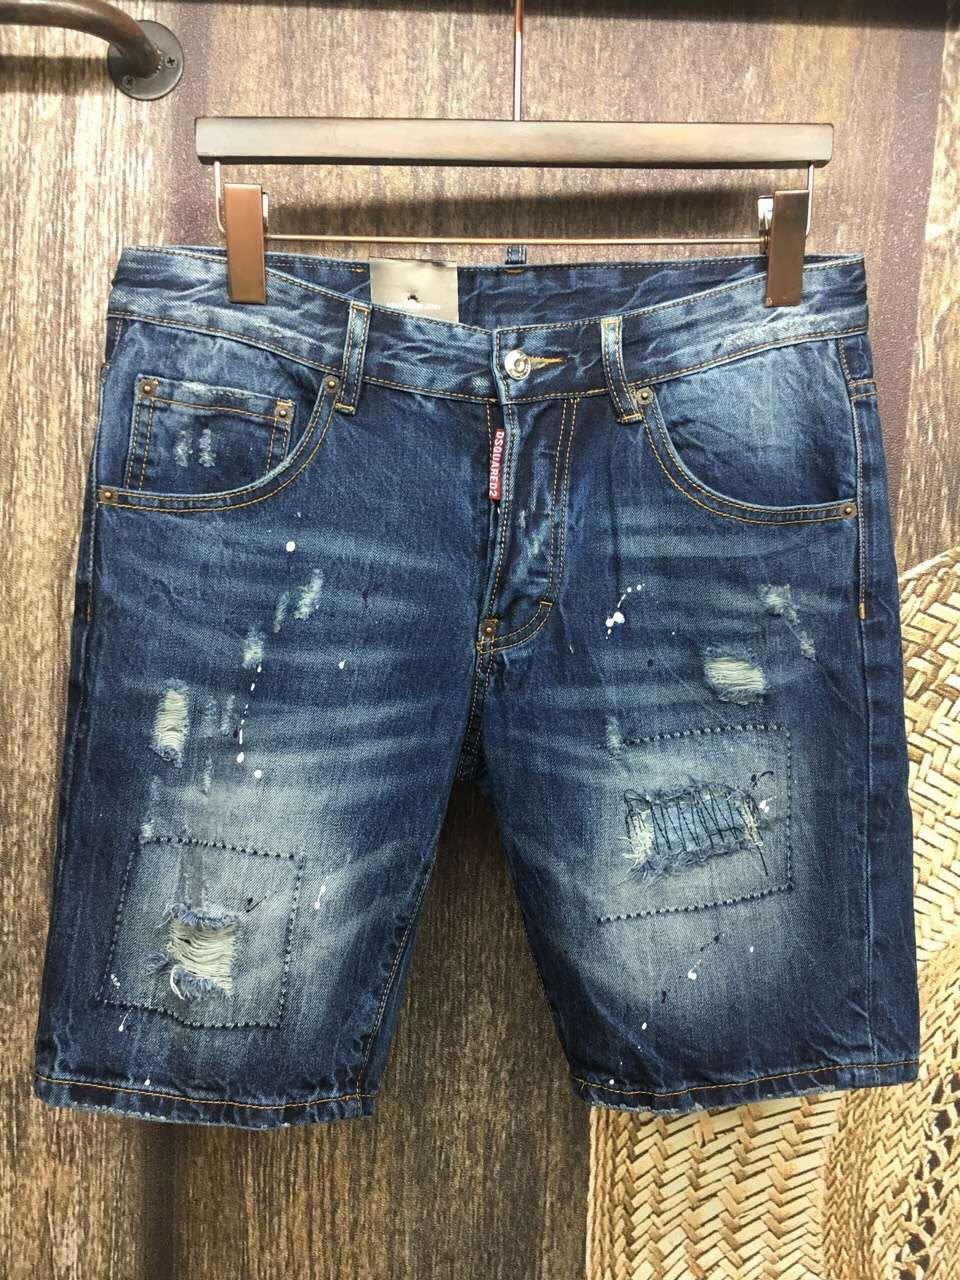 Новое отверстие качества нищих мытья старый Корейский джинсовые микро упругие Мужские шорты